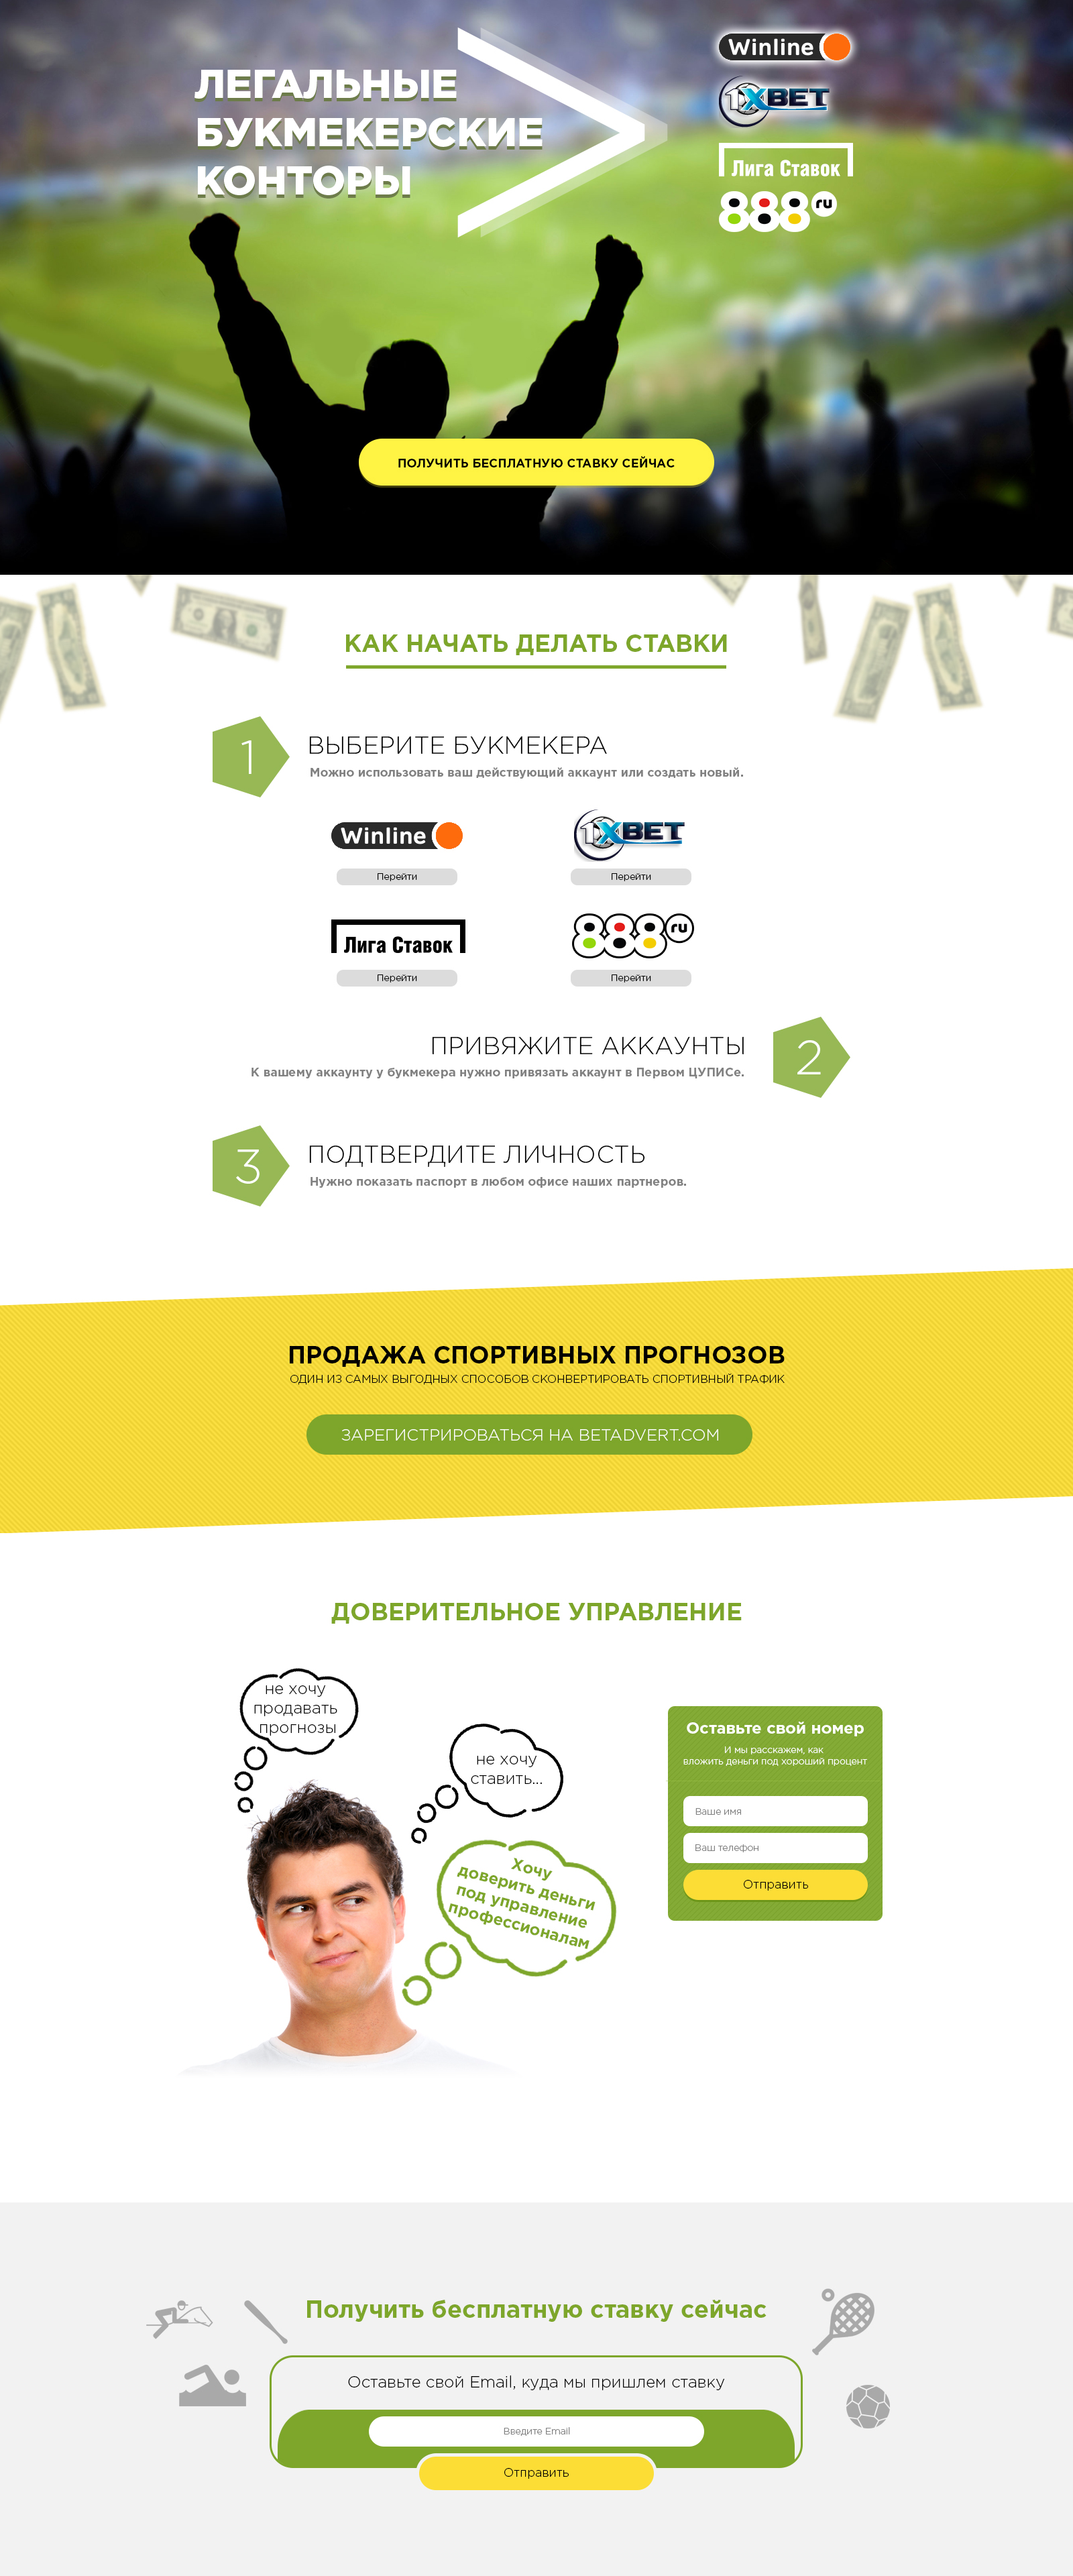 Париматч украина ставки на спорт